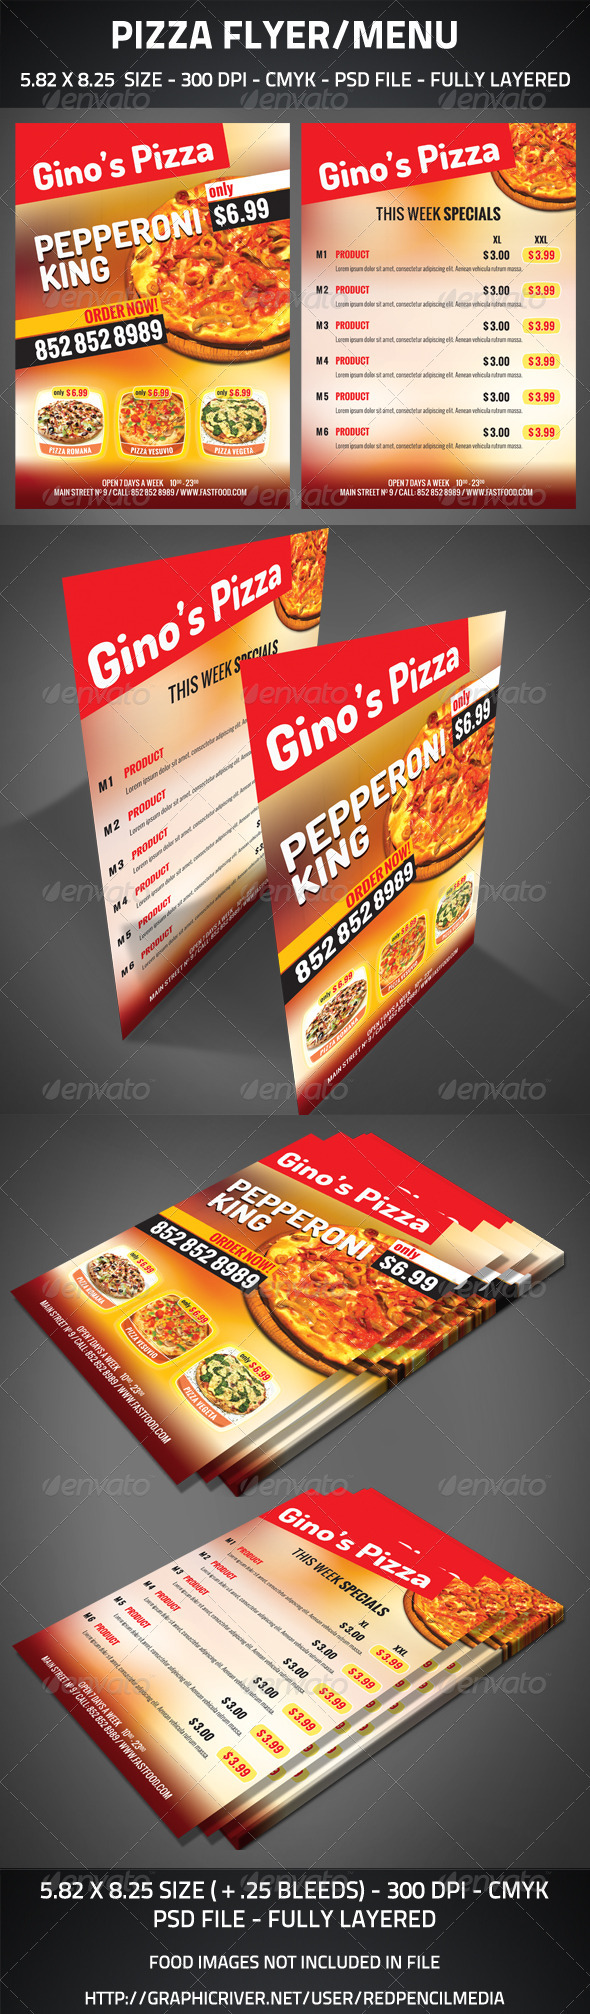 GraphicRiver Pizza Flyer Menu 2769834